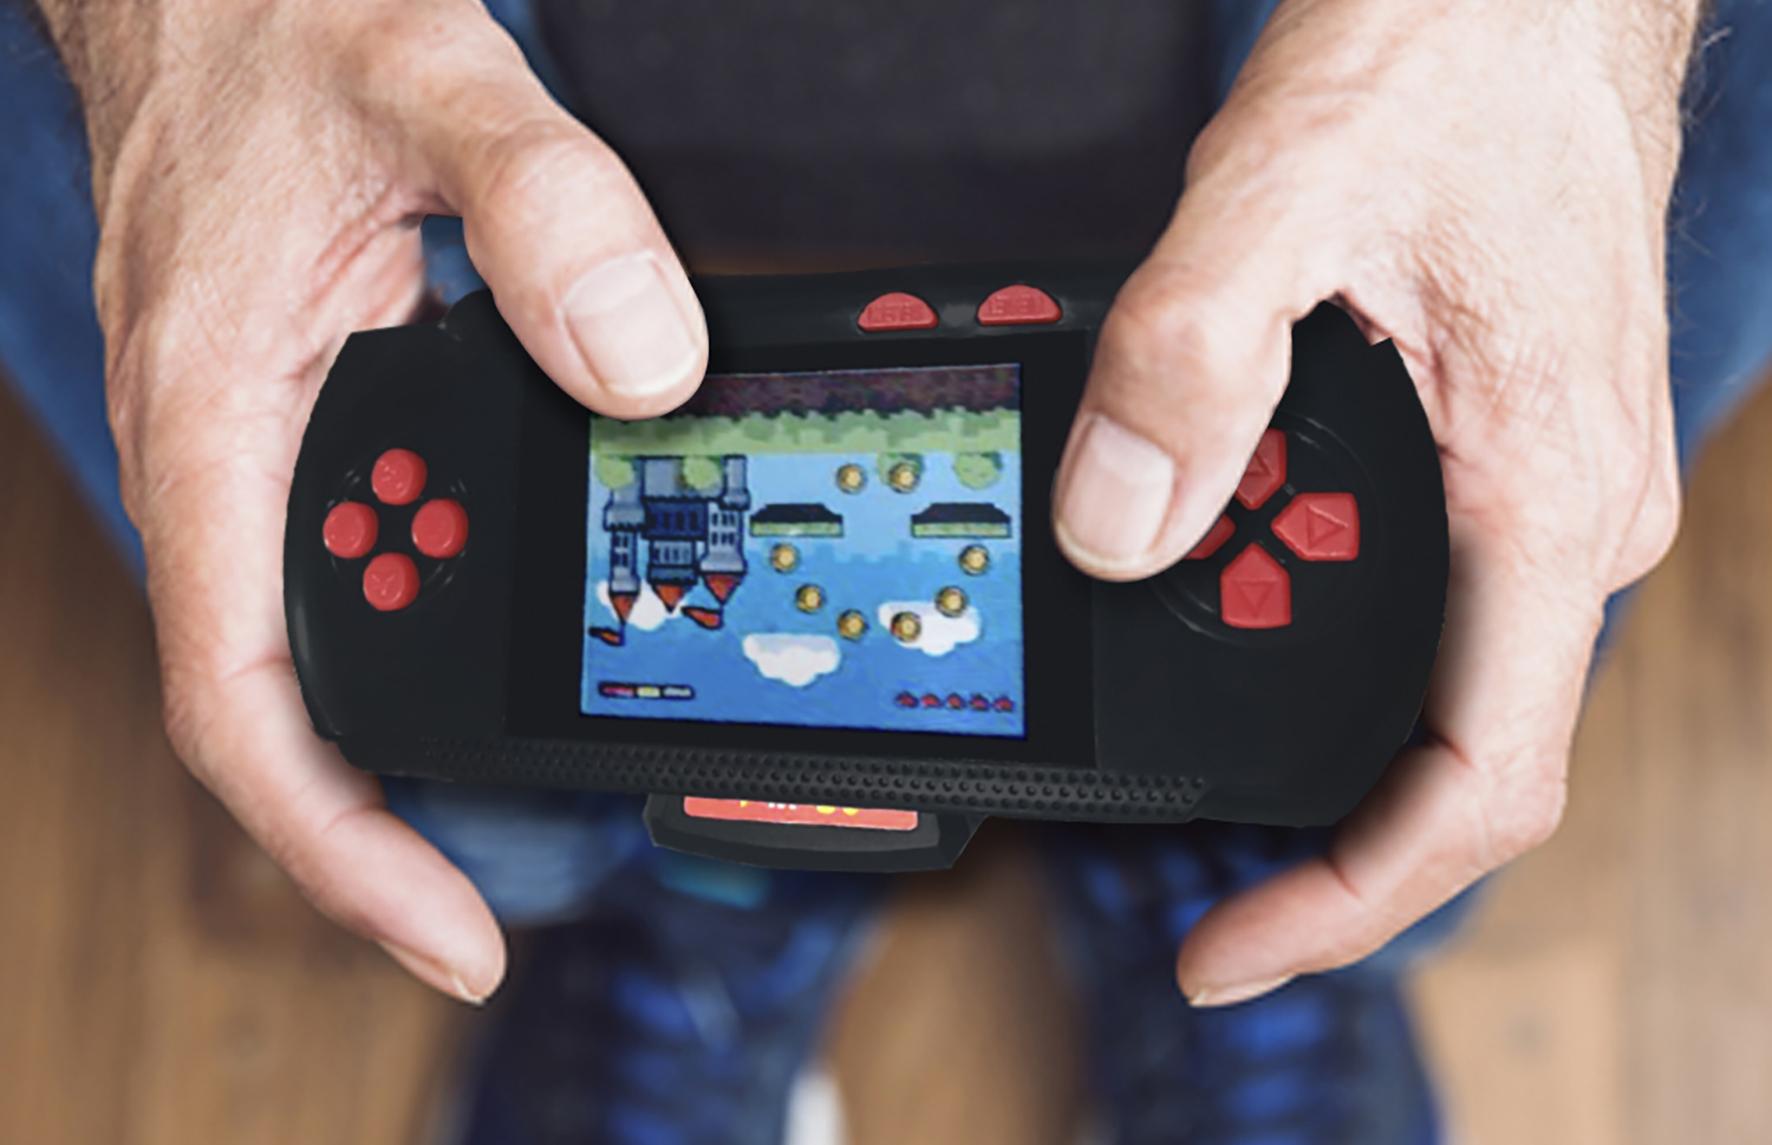 Ginga presenta nueva consola individual de video juegos